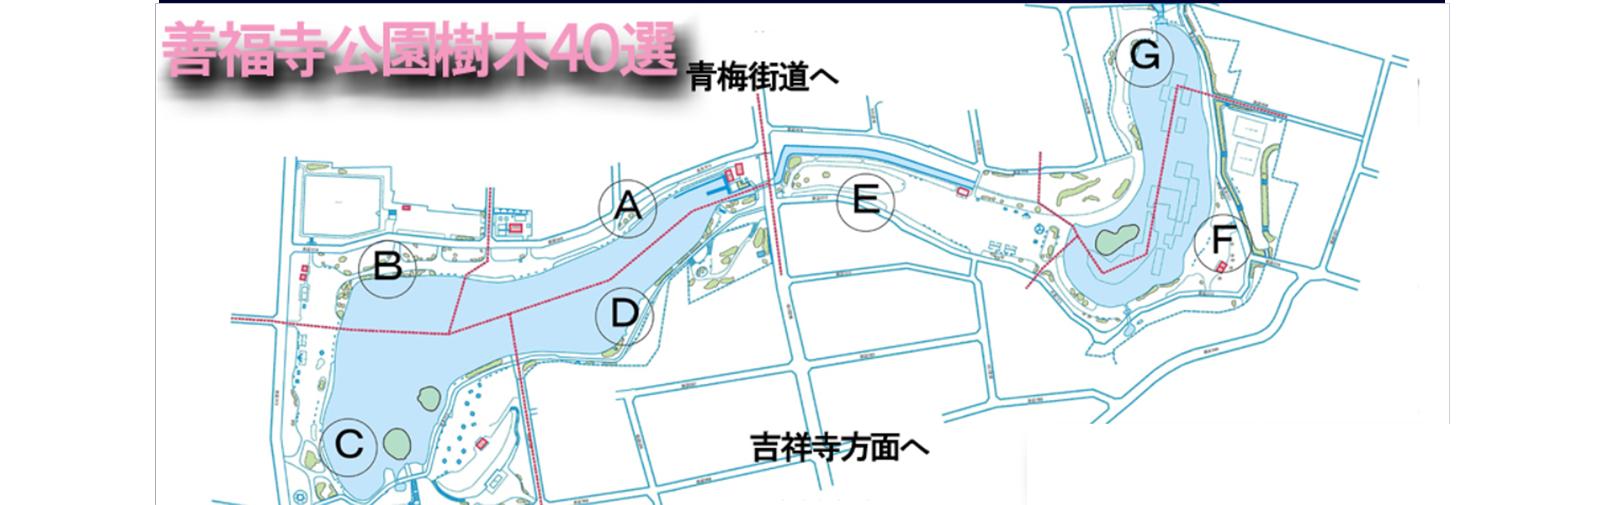 善福寺公園樹木40選